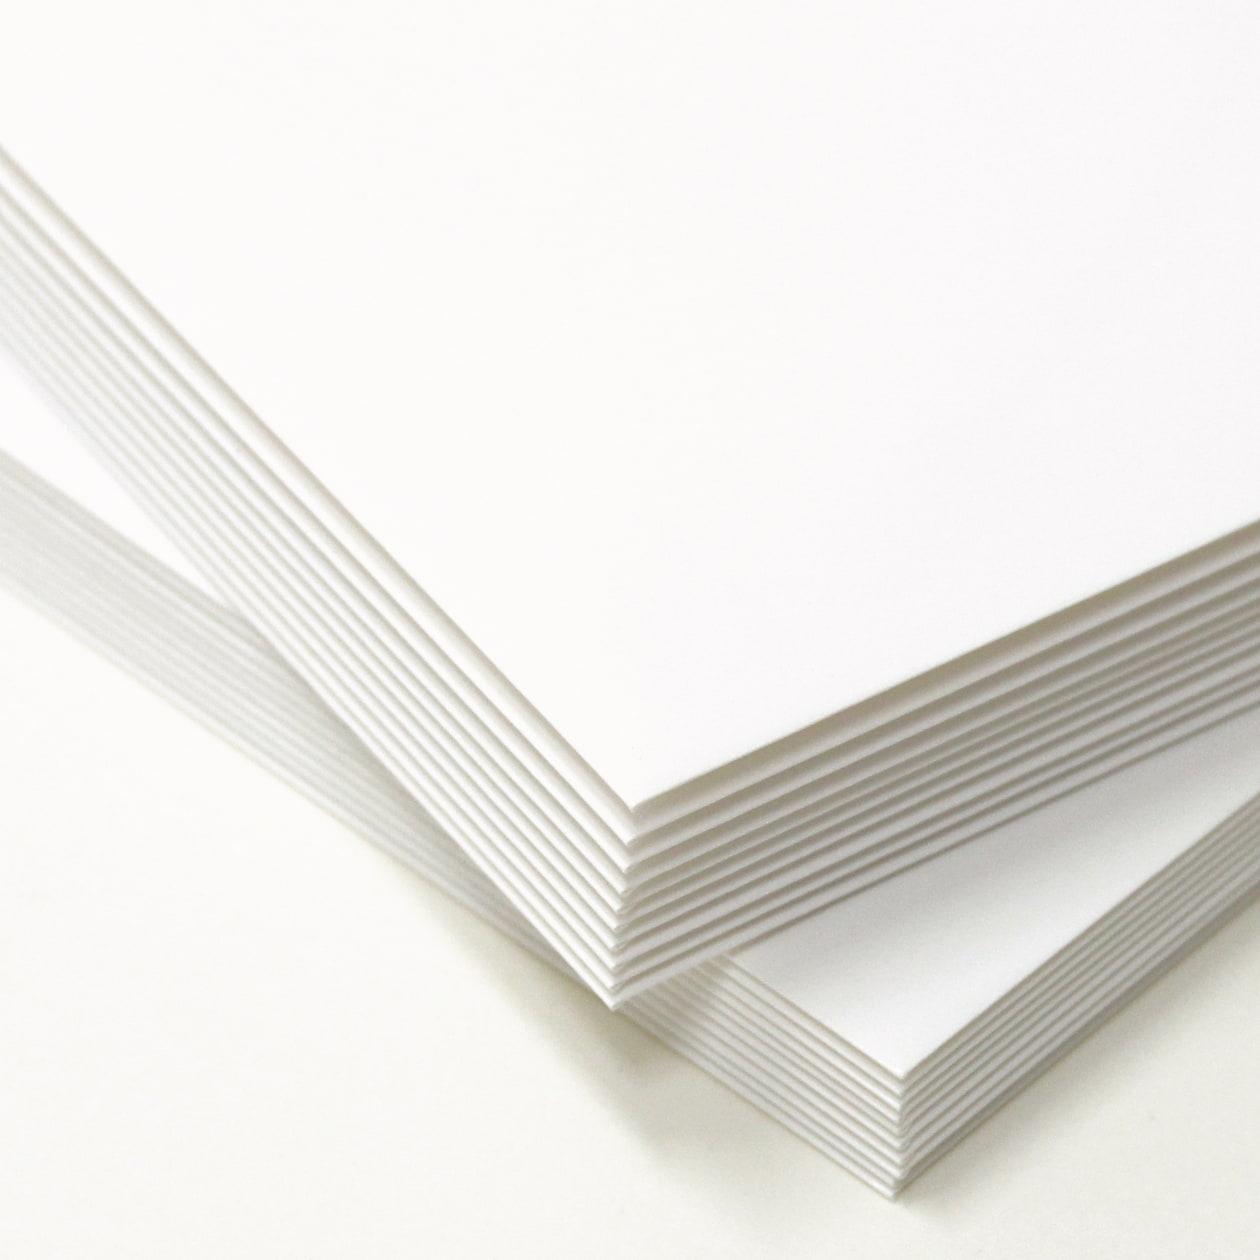 長3カマス封筒 FP ミラーホワイト 105g